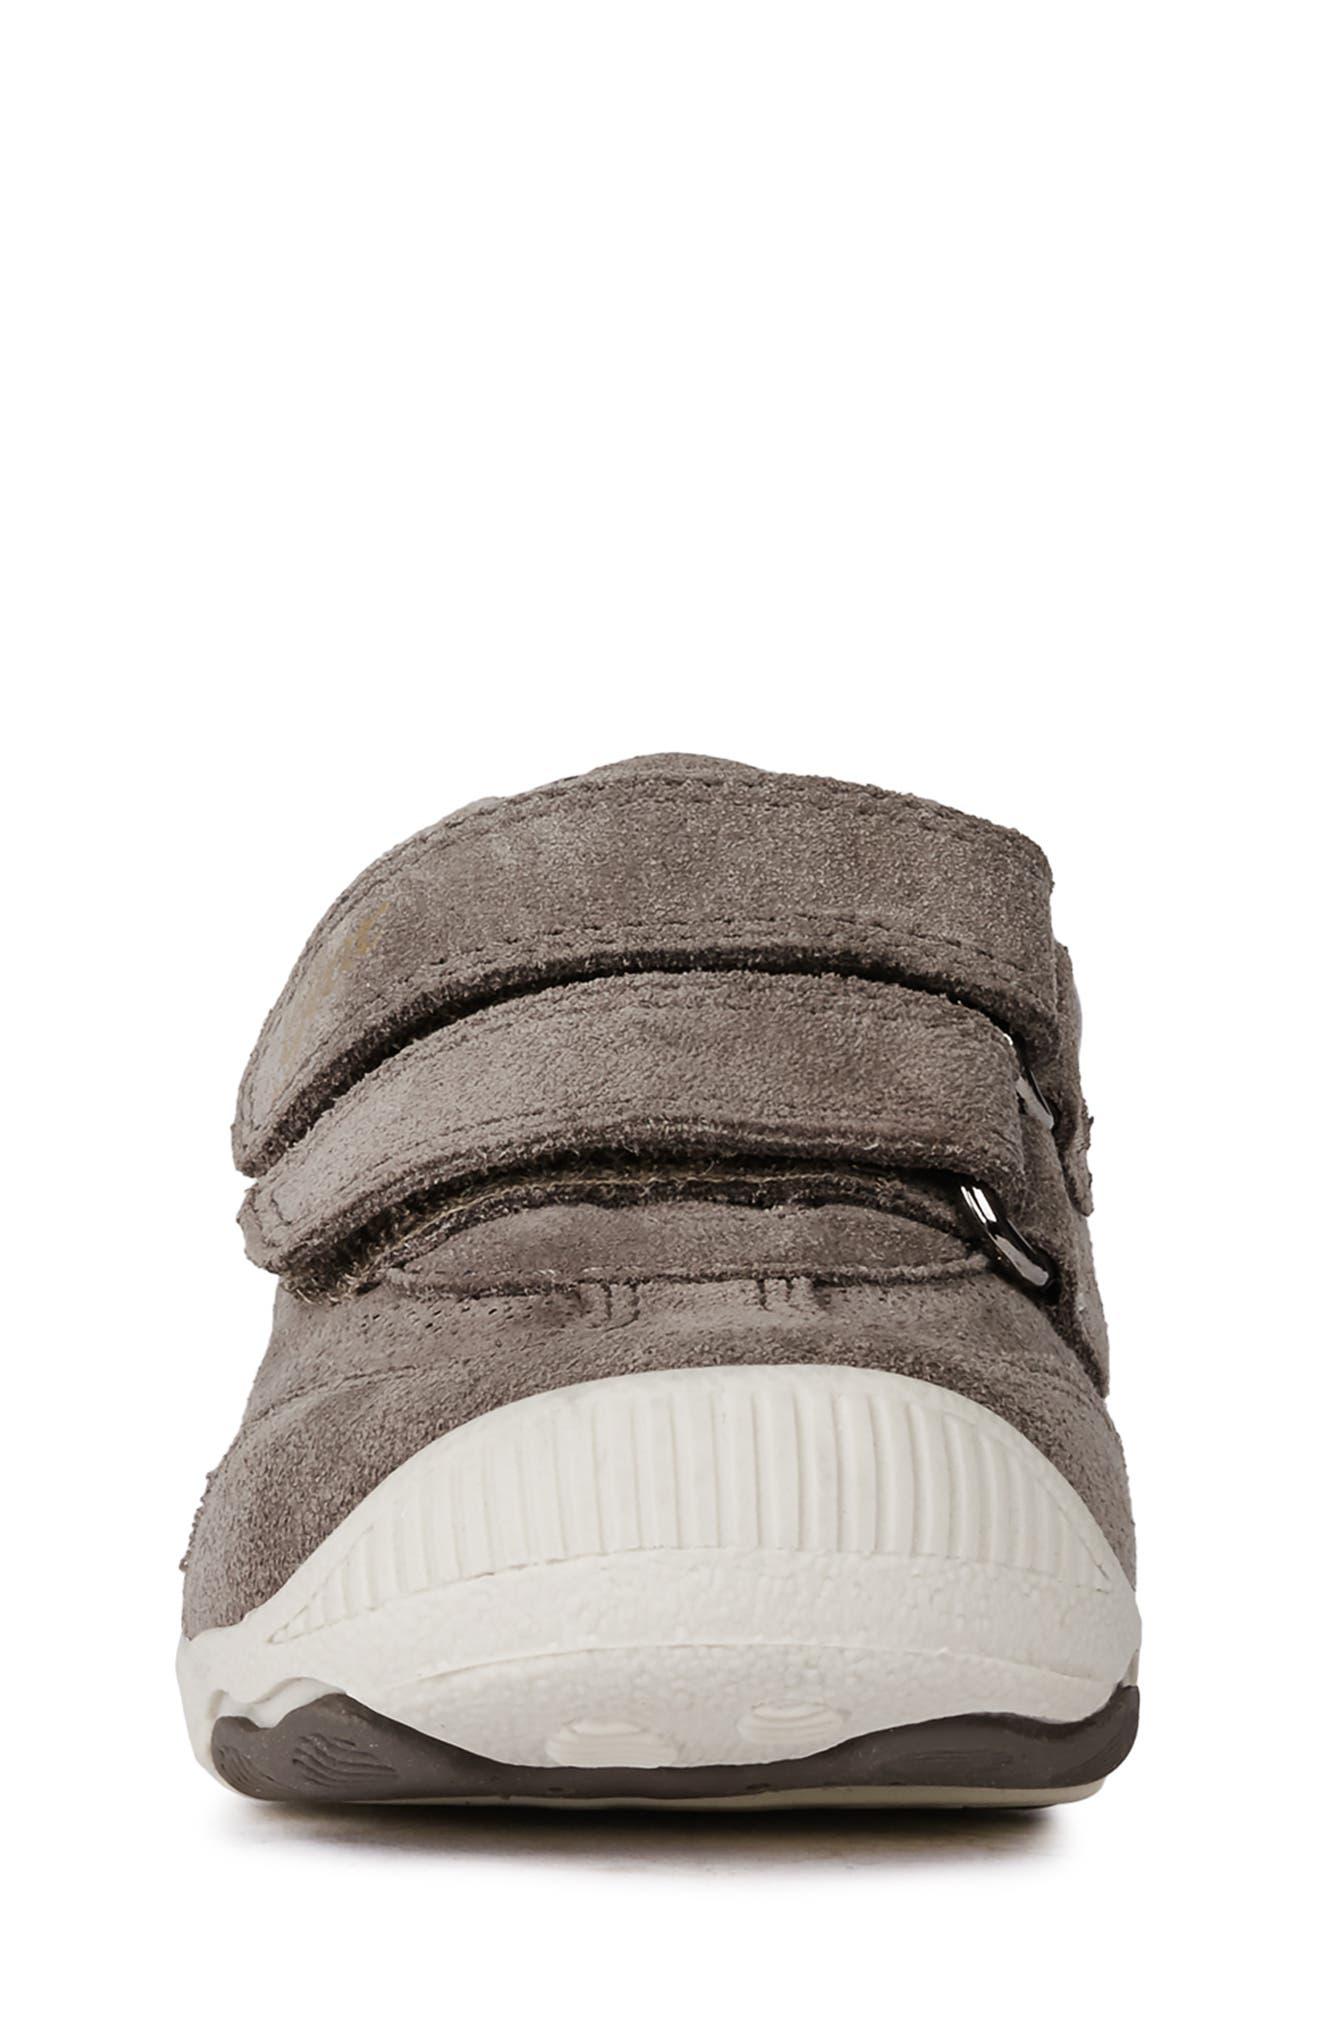 Balu Sneaker,                             Alternate thumbnail 4, color,                             052